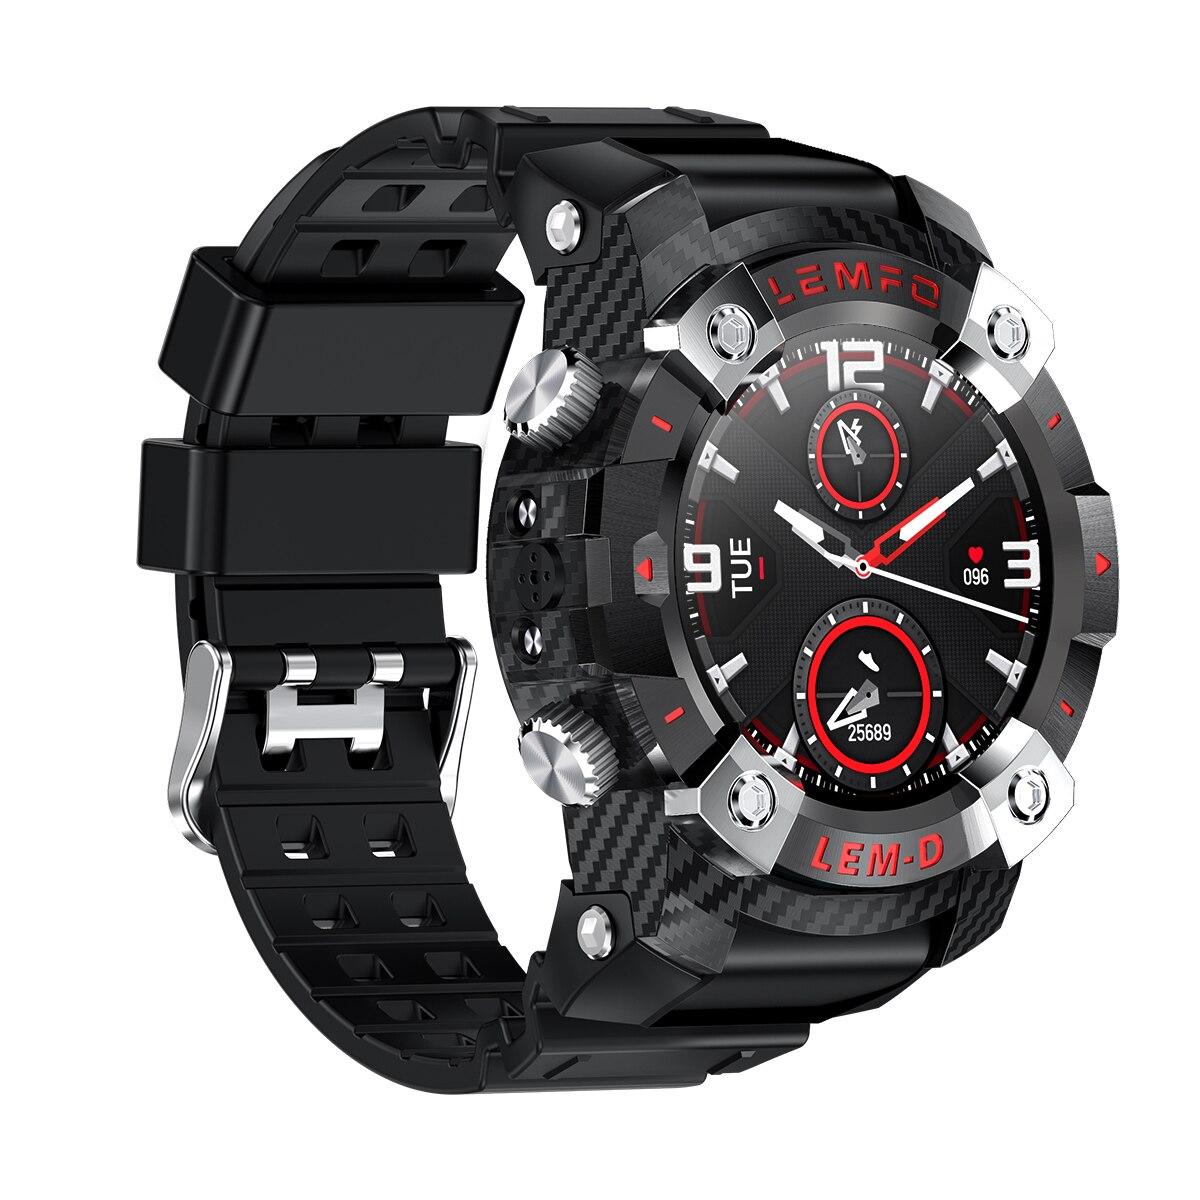 H27e819a356514f9ebb319ec7564c449cO LEMFO LEMD Smart Watch Wireless Bluetooth 5.0 Earphone 2 In 1